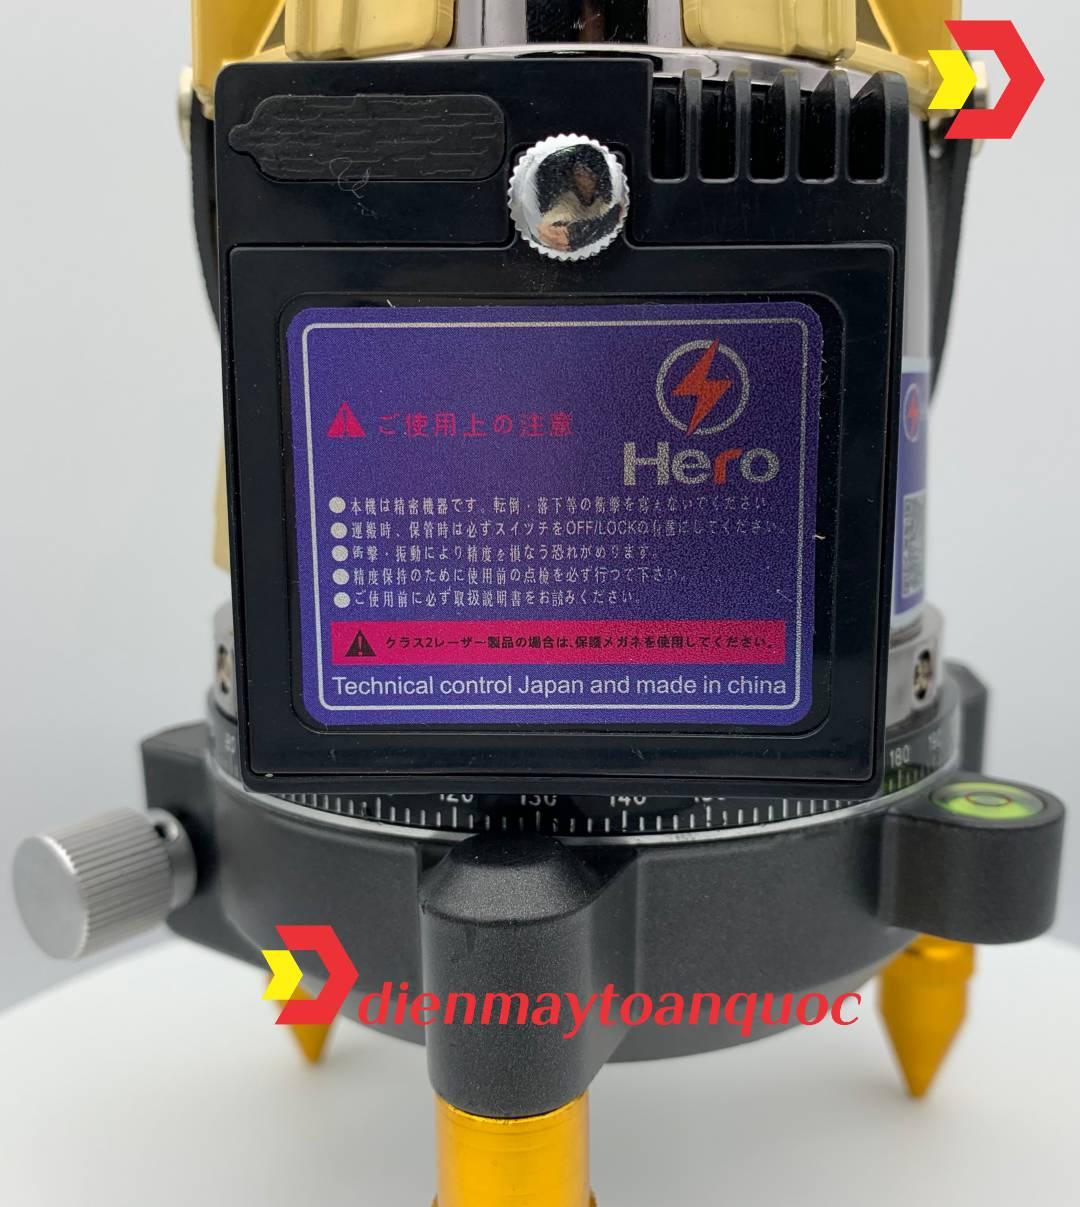 Máy cân bằng laser Hero LUX 2.0B 5 tia xanh bóng LED